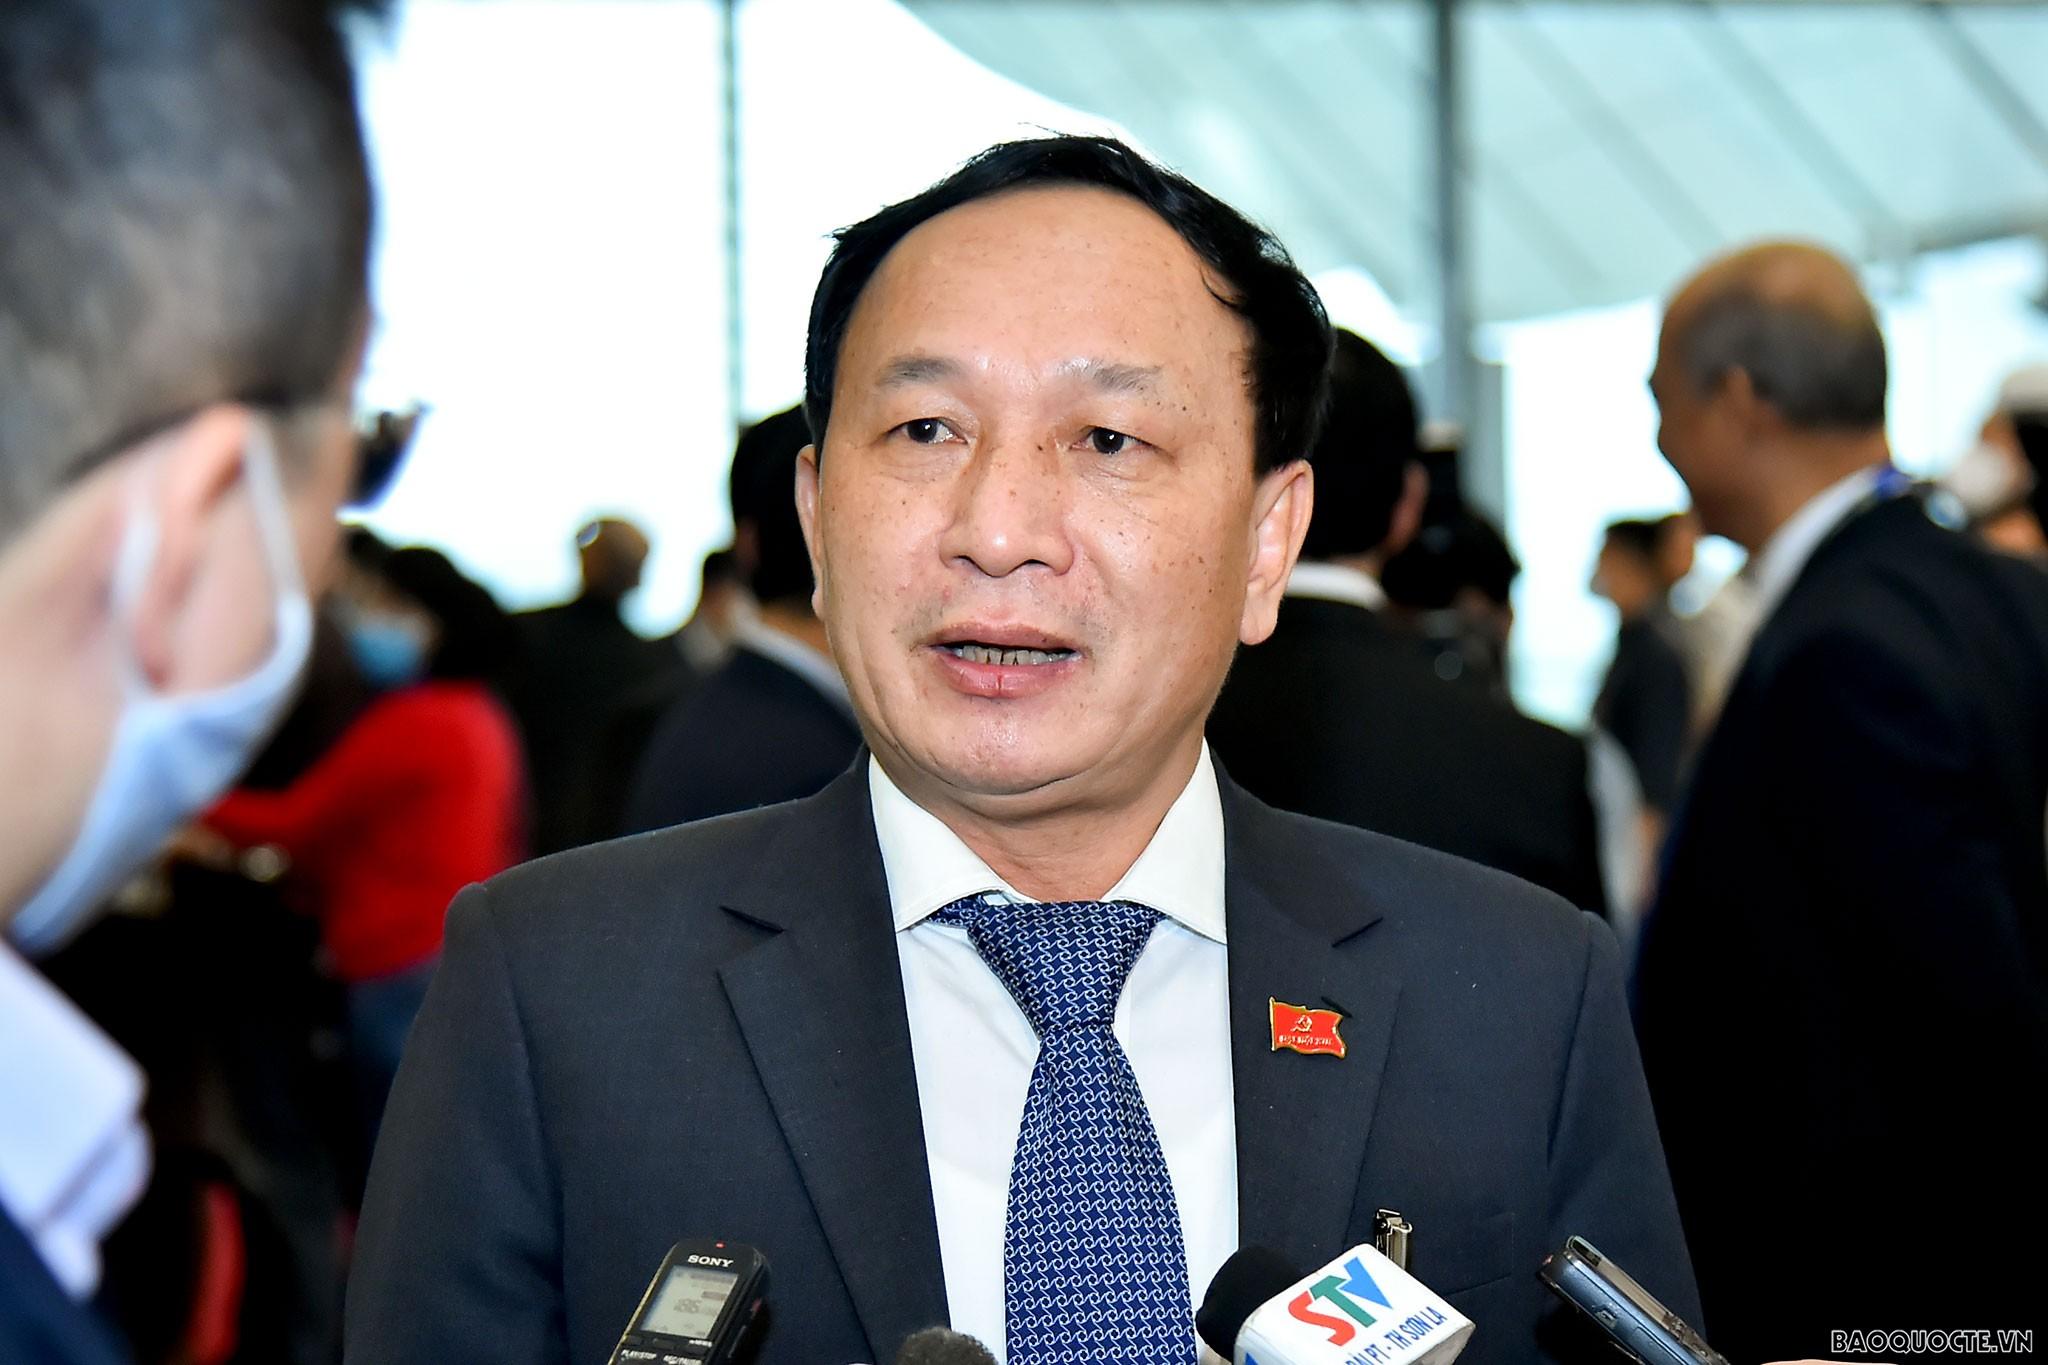 Tham luận tại Đại hội XIII thể hiện không khí dân chủ, trách nhiệm, nhiều giải pháp lớn